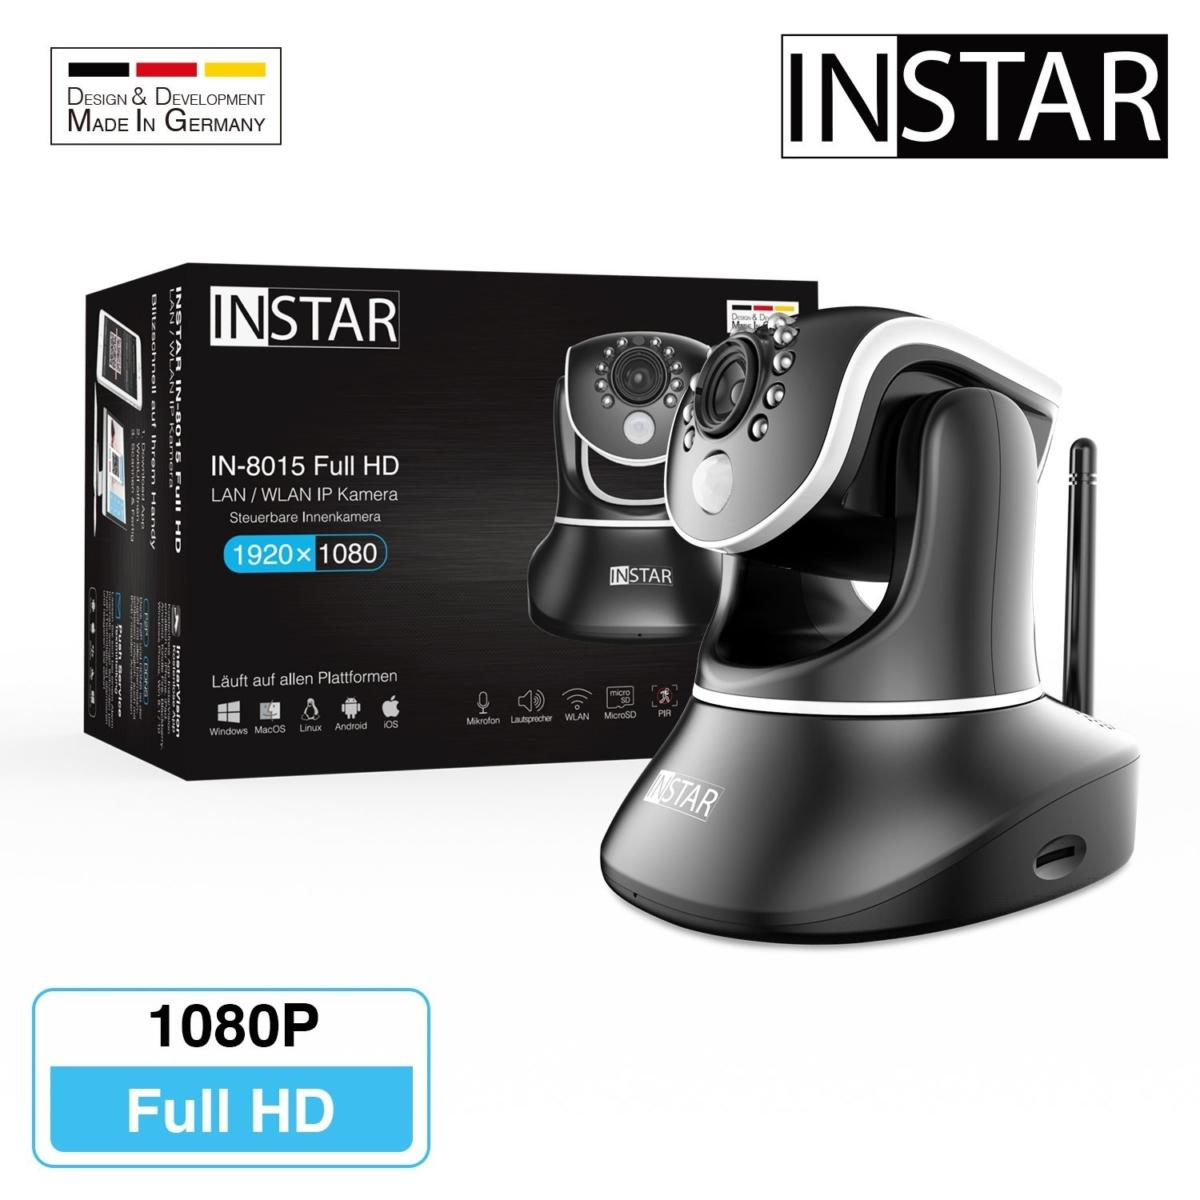 INSTAR IN-8015 Full HD - Überwachungskamera für den Innenbereich